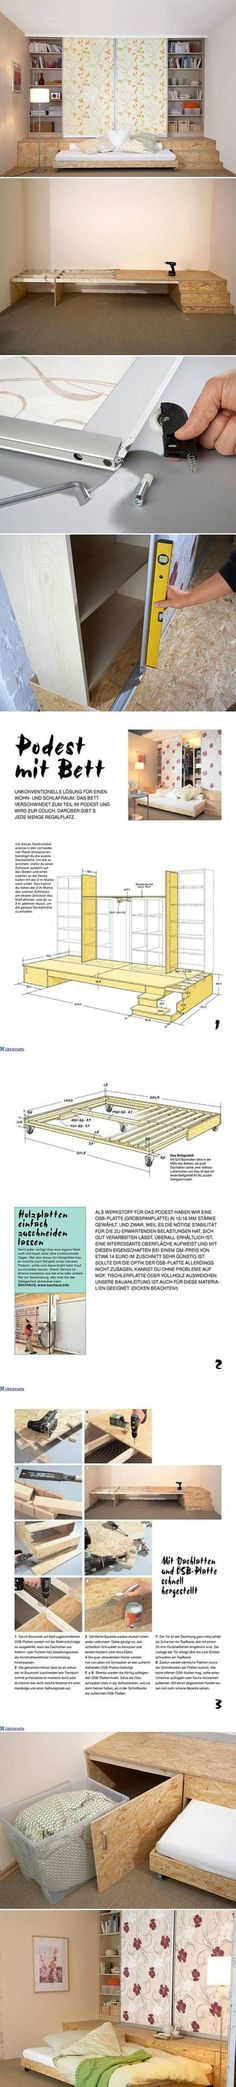 Bricolaje tres en uno de muebles de bricolaje Proyectos